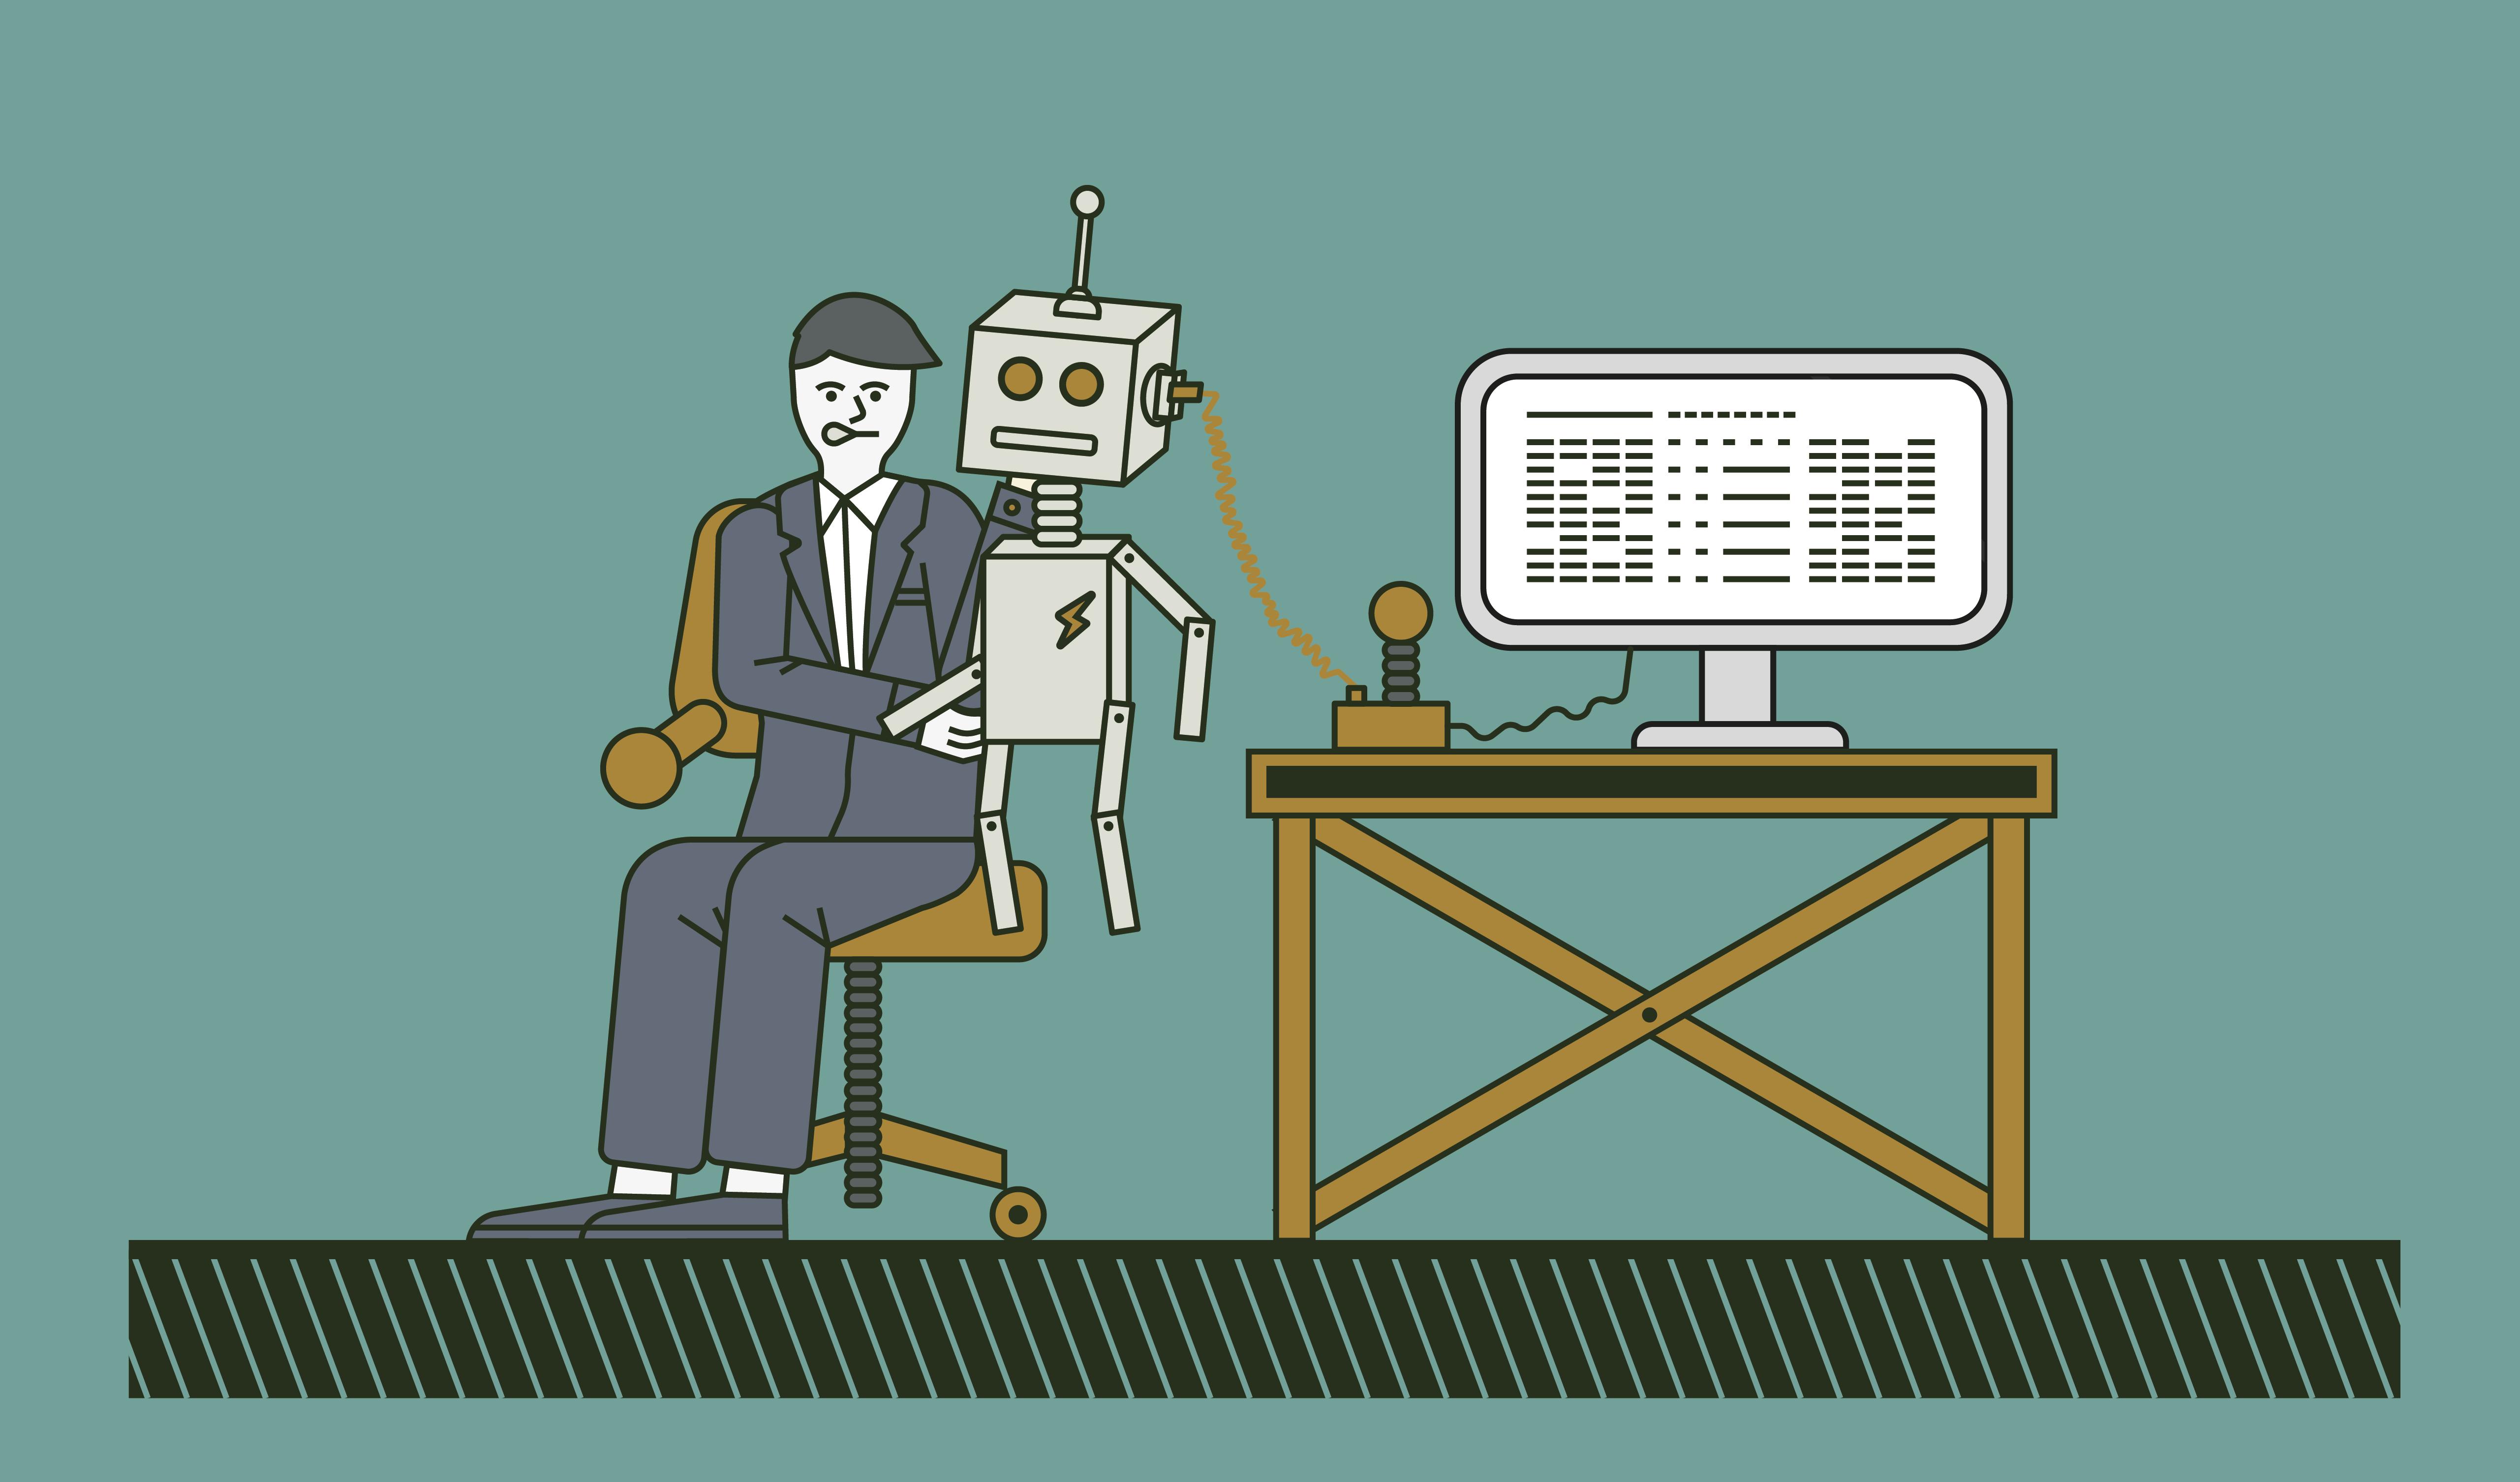 Зачем вам технология искусственного интеллекта прямо сейчас